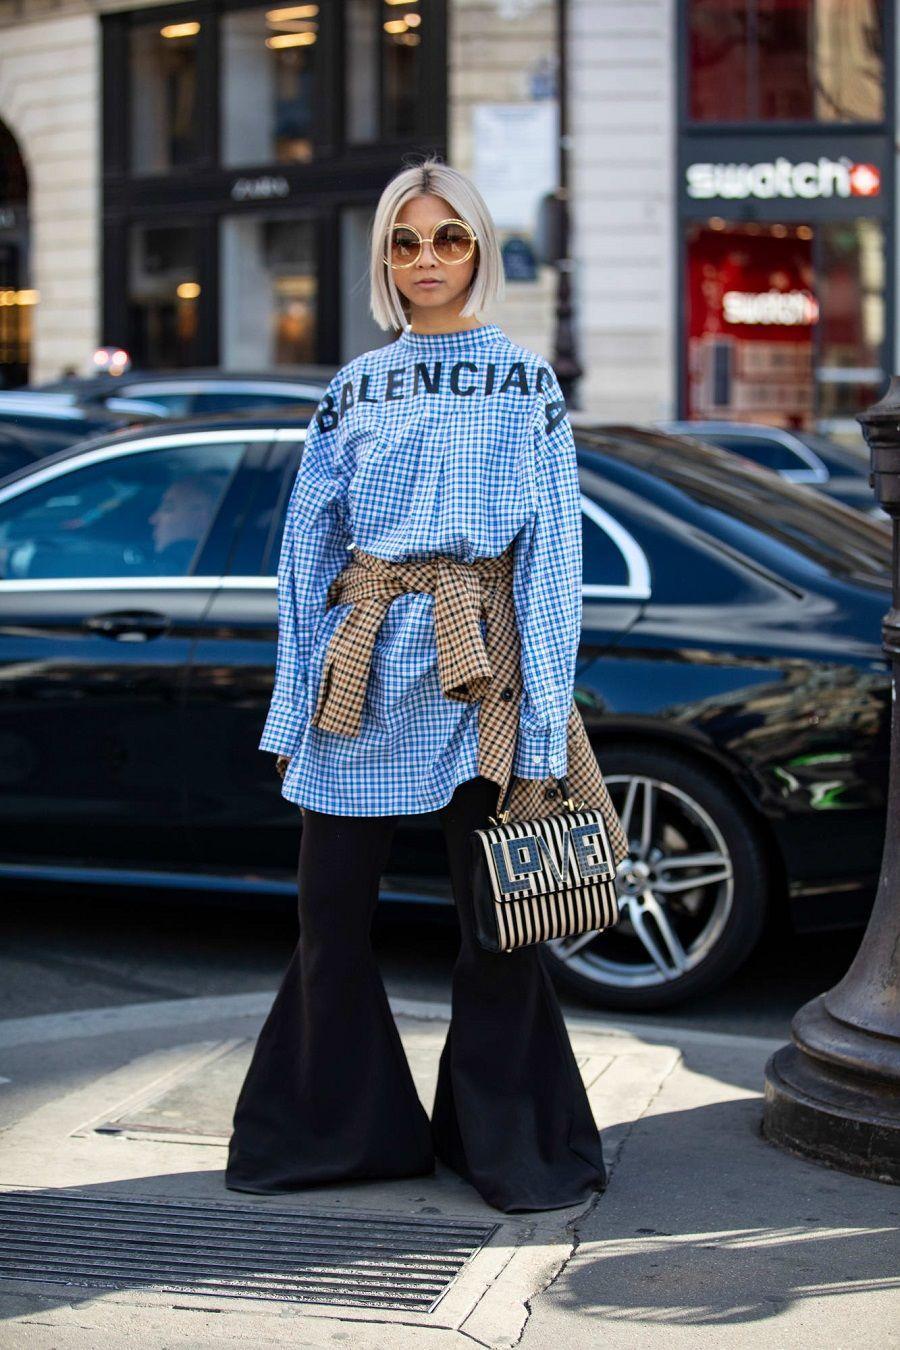 Gaya Keren Para Street Style Star di Paris Fashion Week Spring 2019